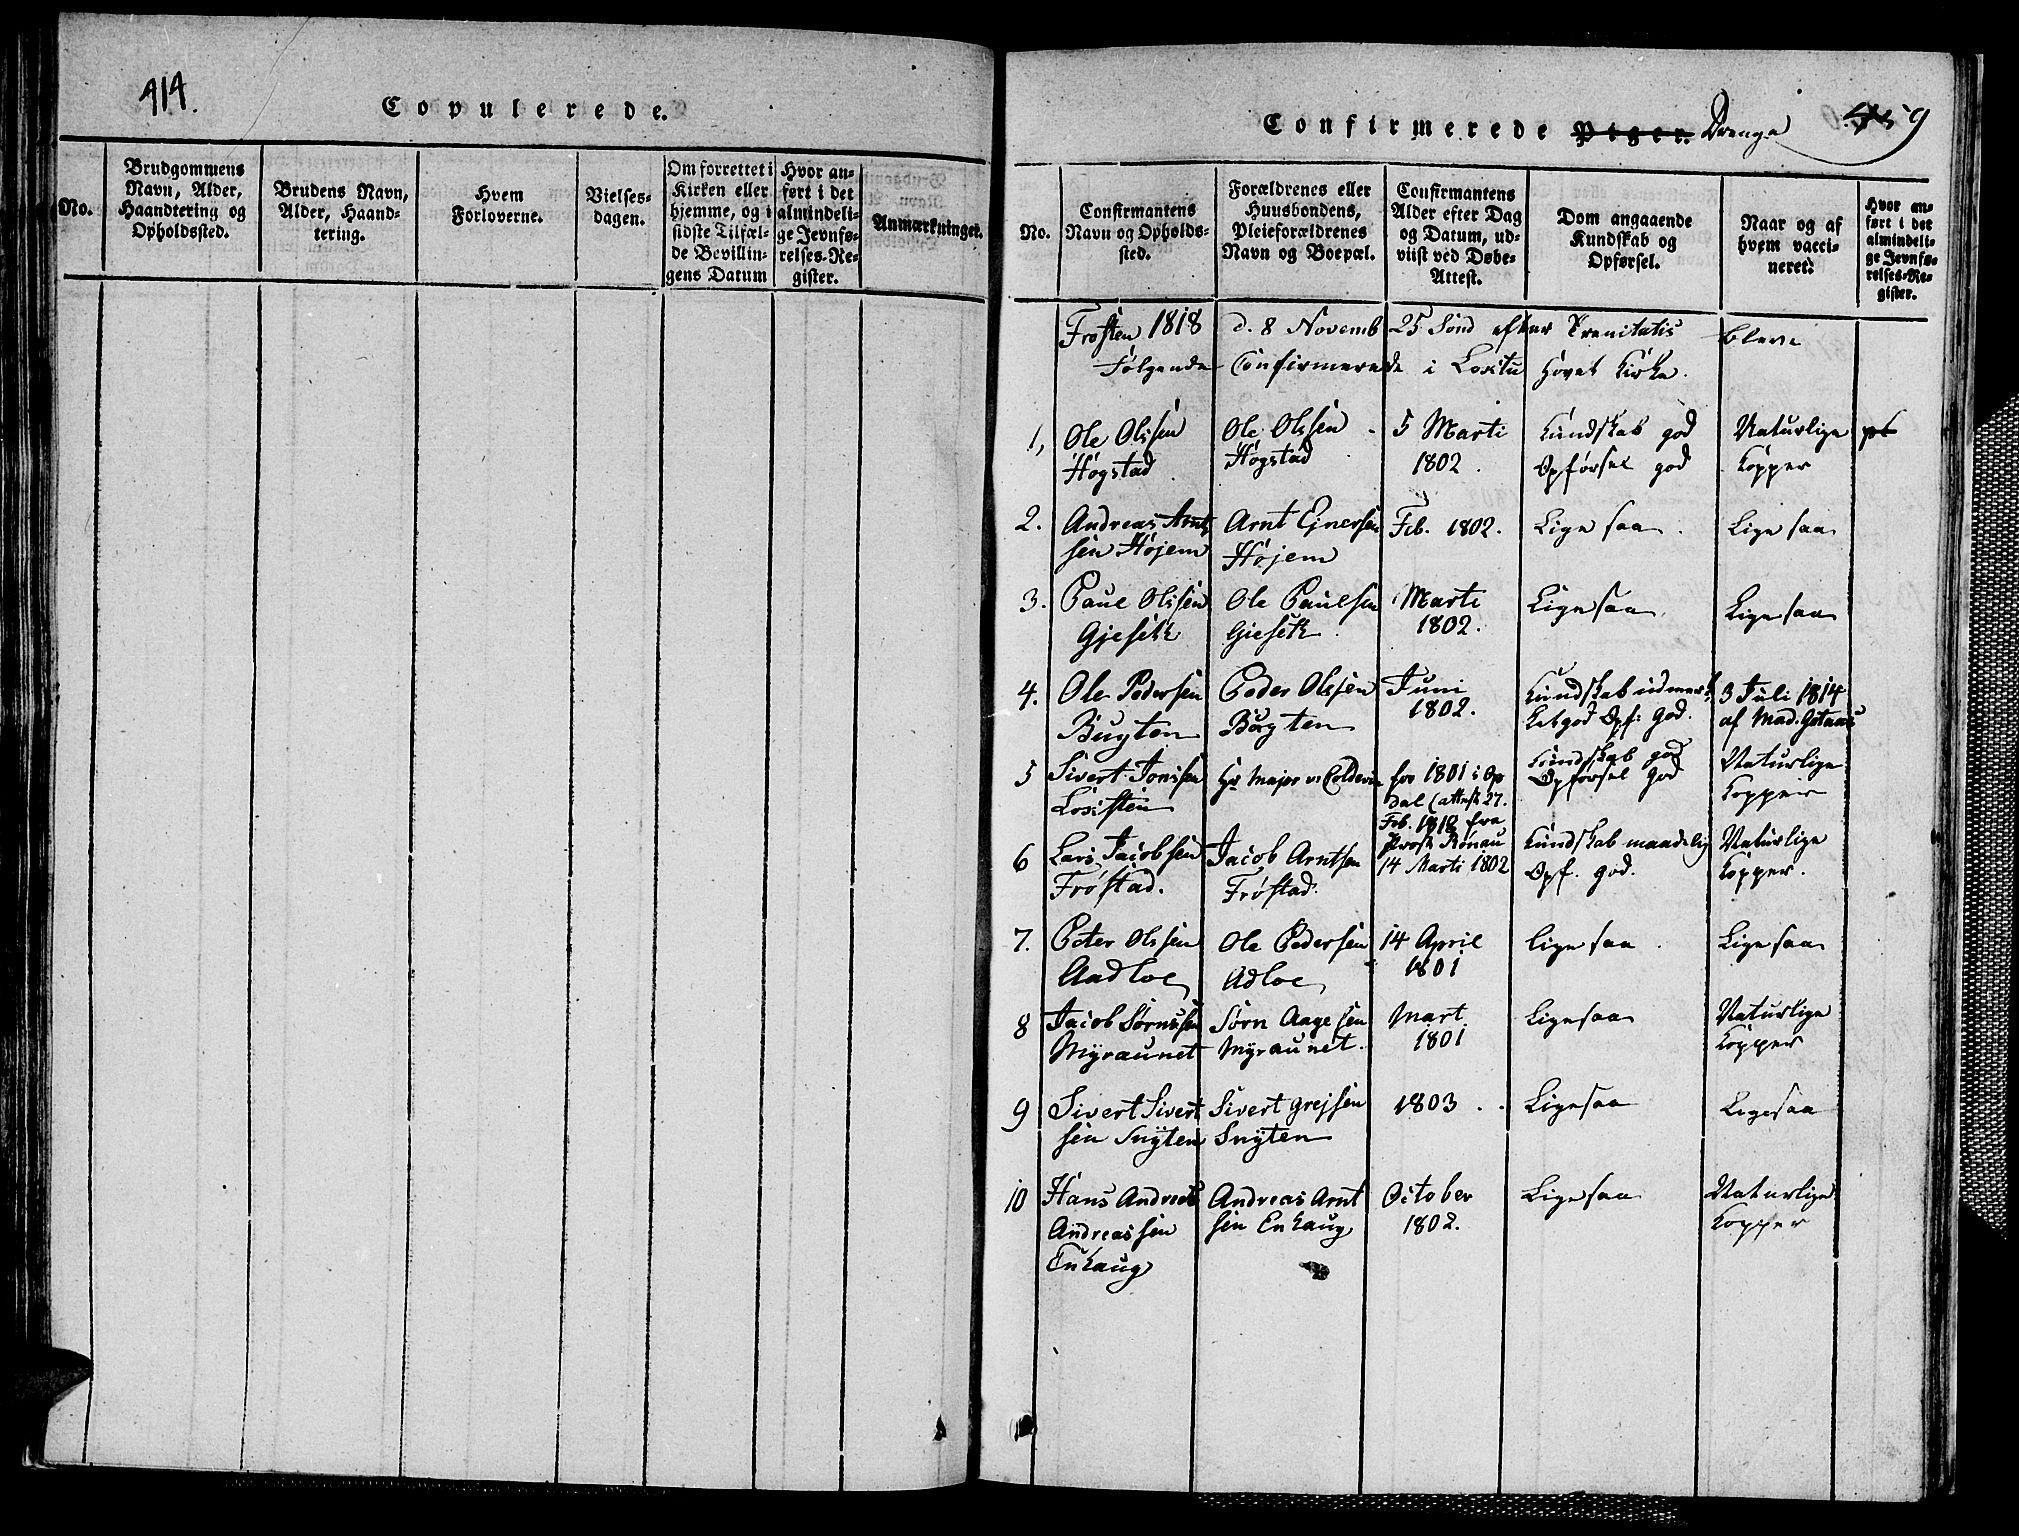 SAT, Ministerialprotokoller, klokkerbøker og fødselsregistre - Nord-Trøndelag, 713/L0124: Klokkerbok nr. 713C01, 1817-1827, s. 414-459